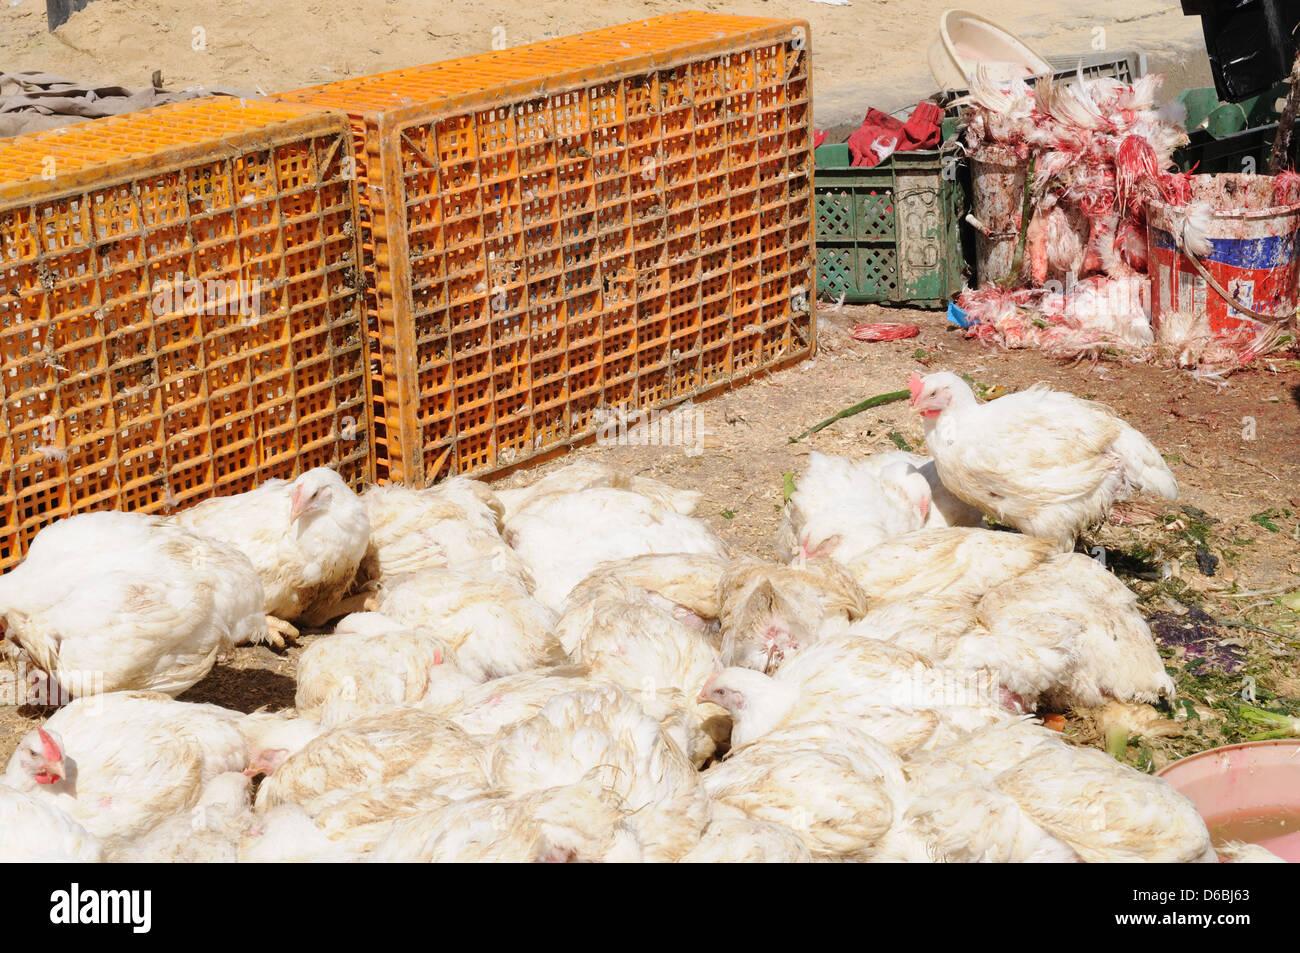 Live chickens for sale in Bizerte market Tunisia Stock Photo